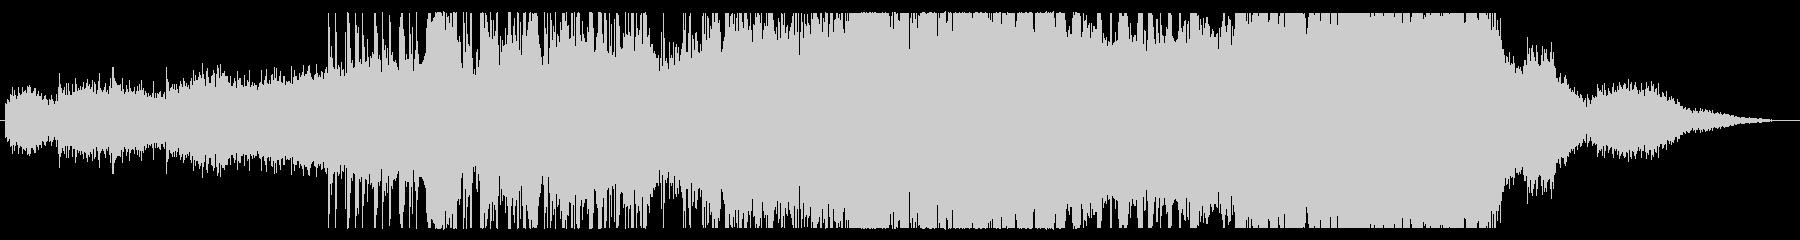 サイコ・ホラー・サスペンス・恐怖・危険の未再生の波形